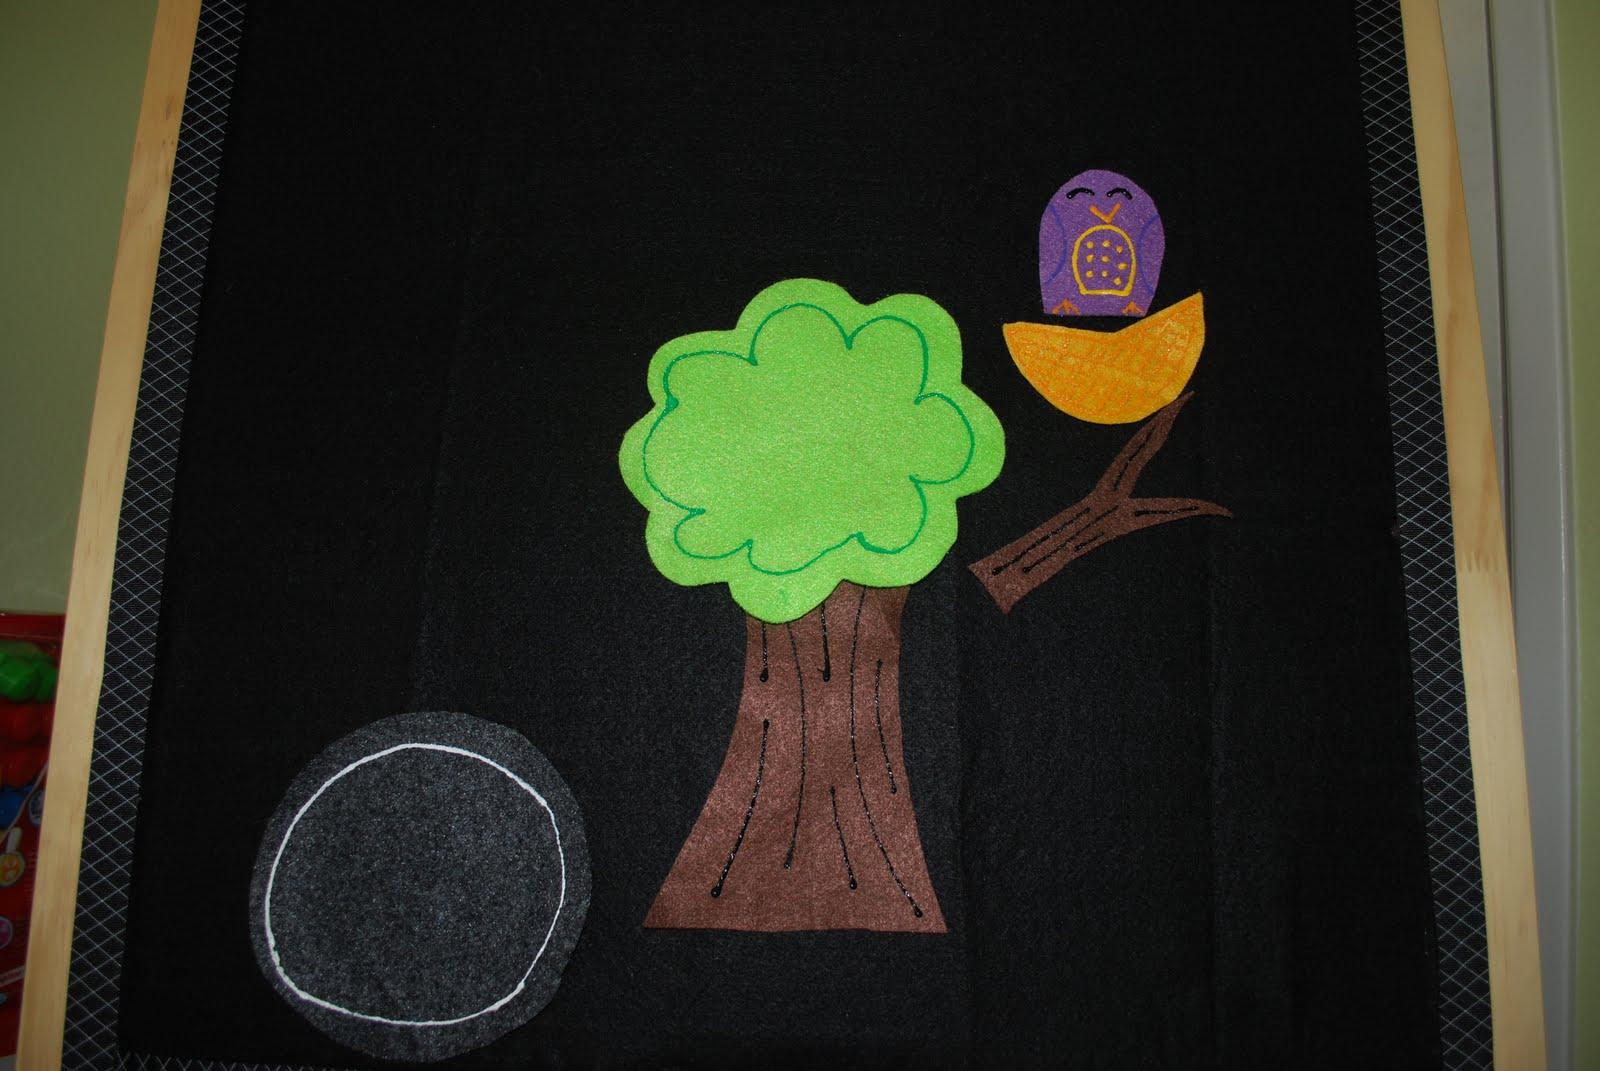 http://1.bp.blogspot.com/-_qSfq6IAn7c/TYpDXan3VmI/AAAAAAAAA6s/fQ7X3Xy2O2A/s1600/March%2B2011%2B036.JPG